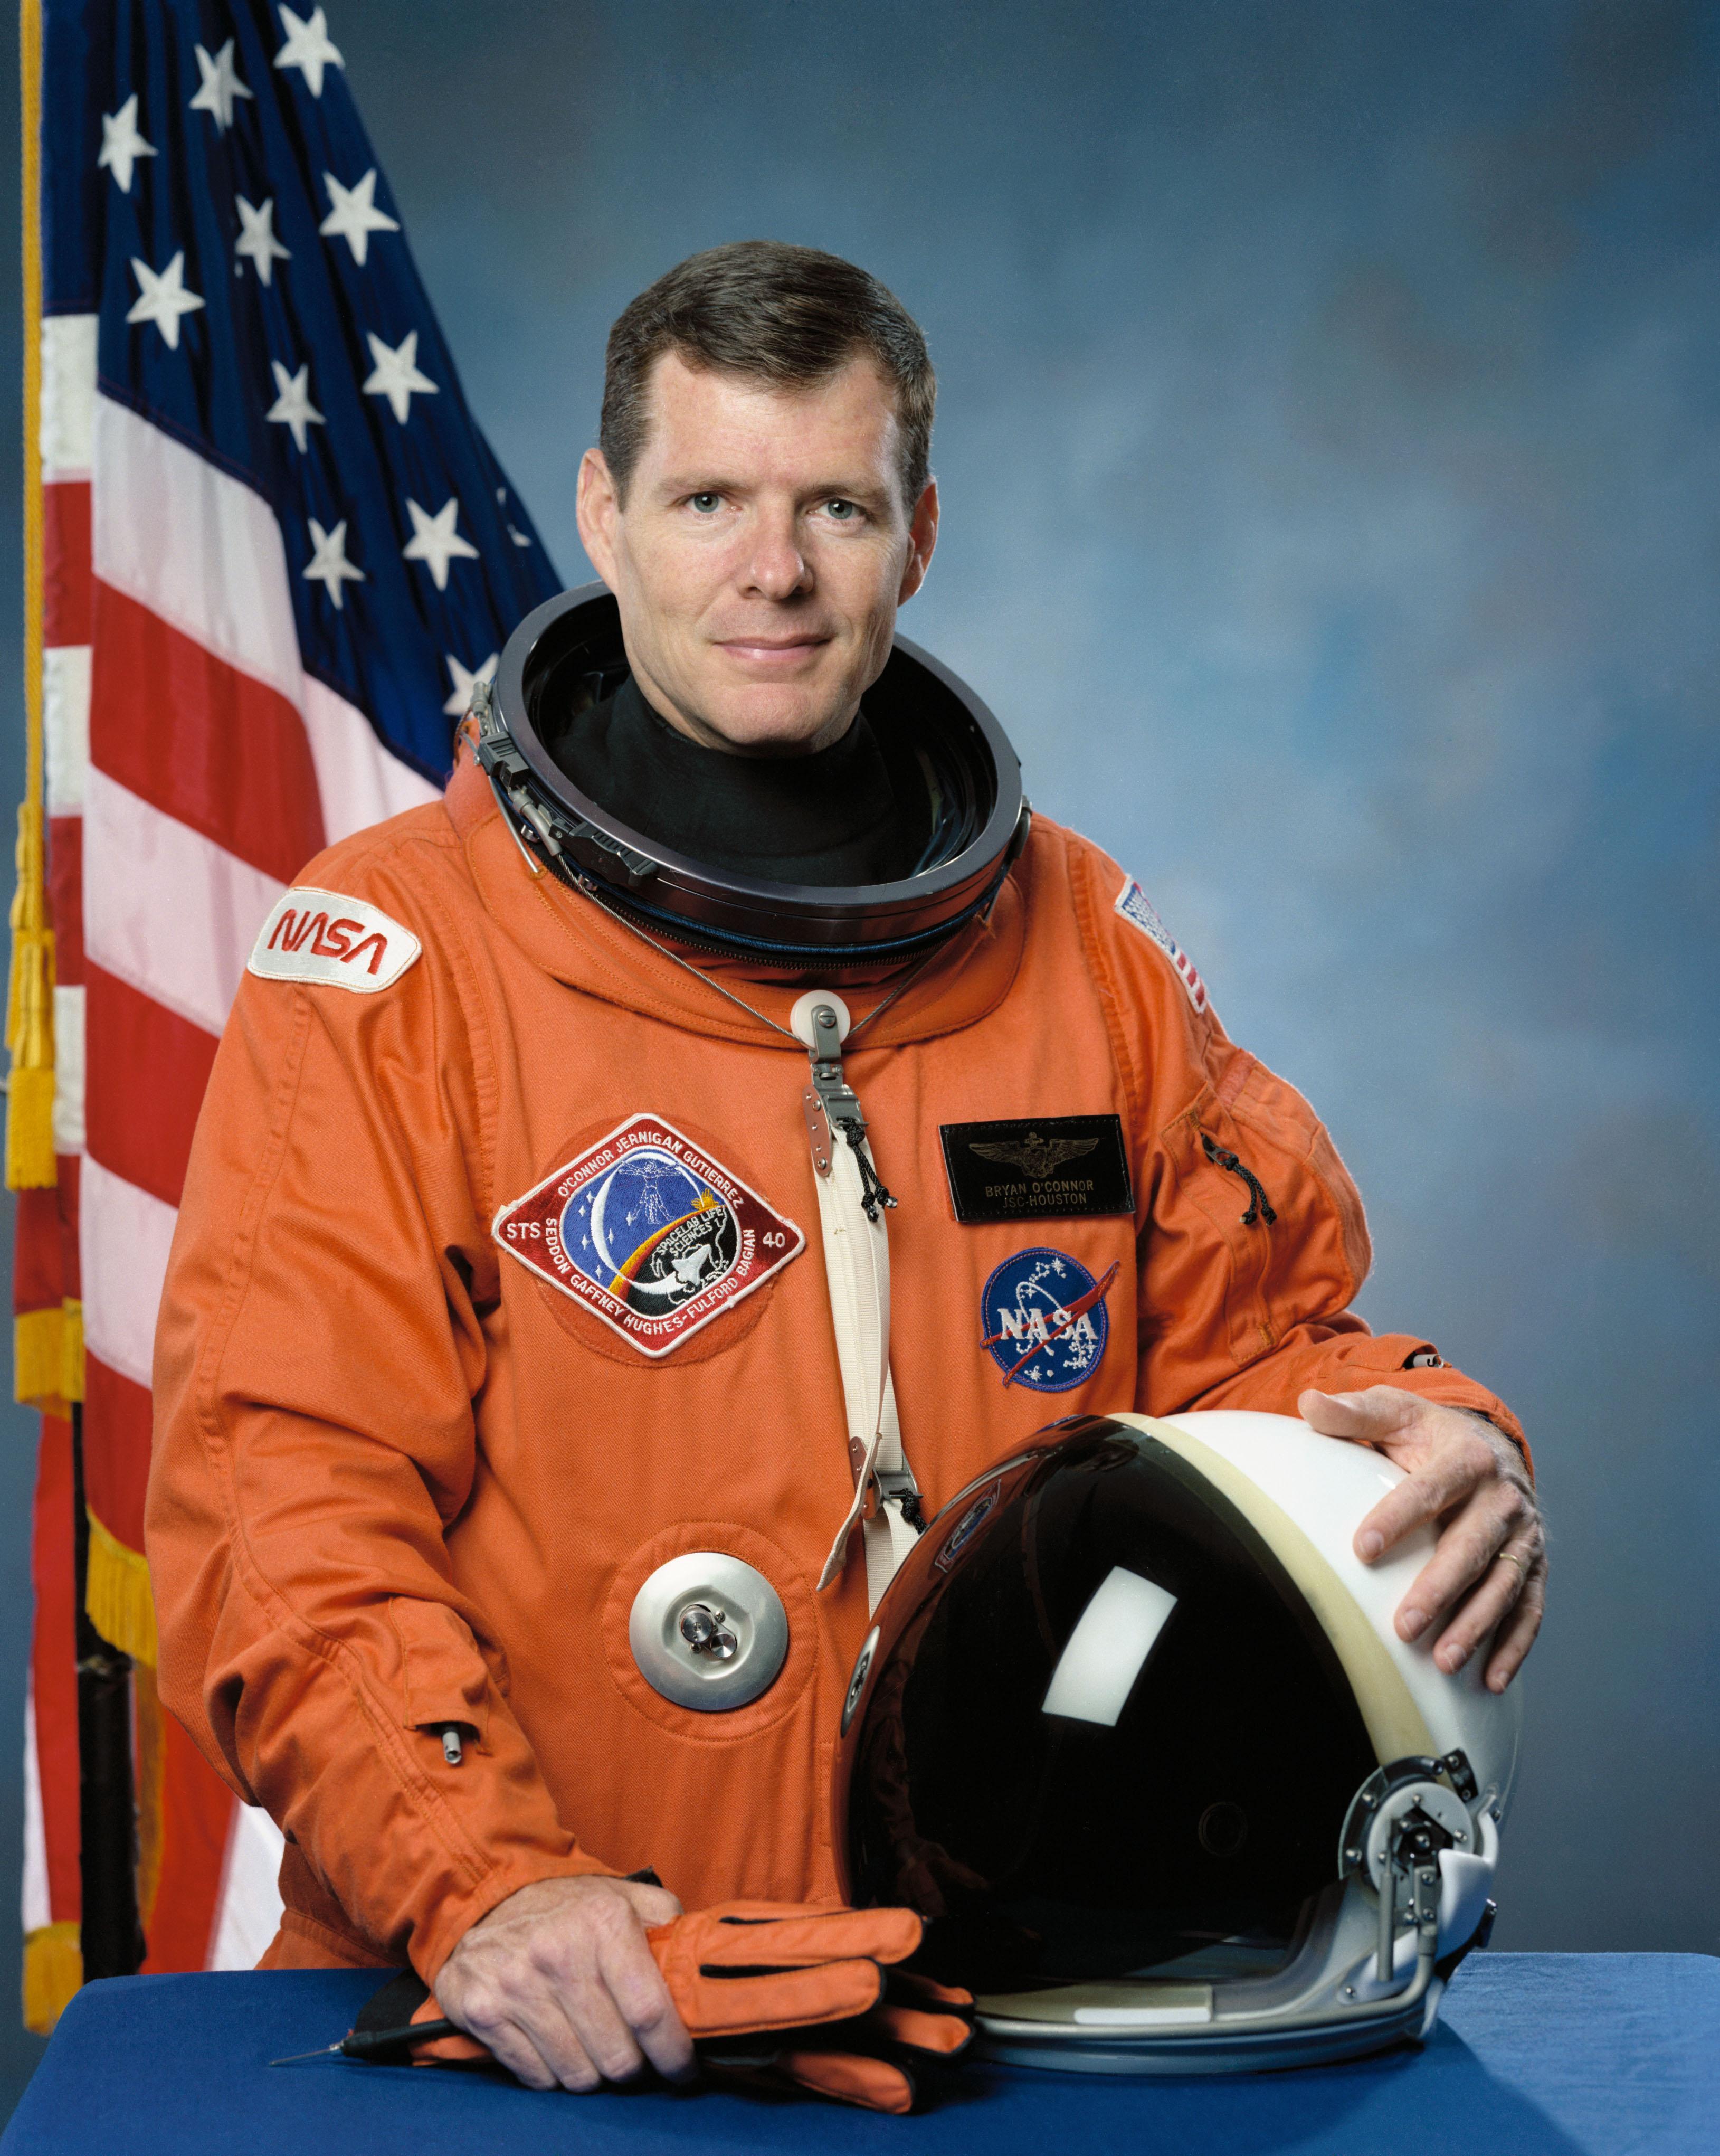 Bryan D. O'Connor - Wikipedia